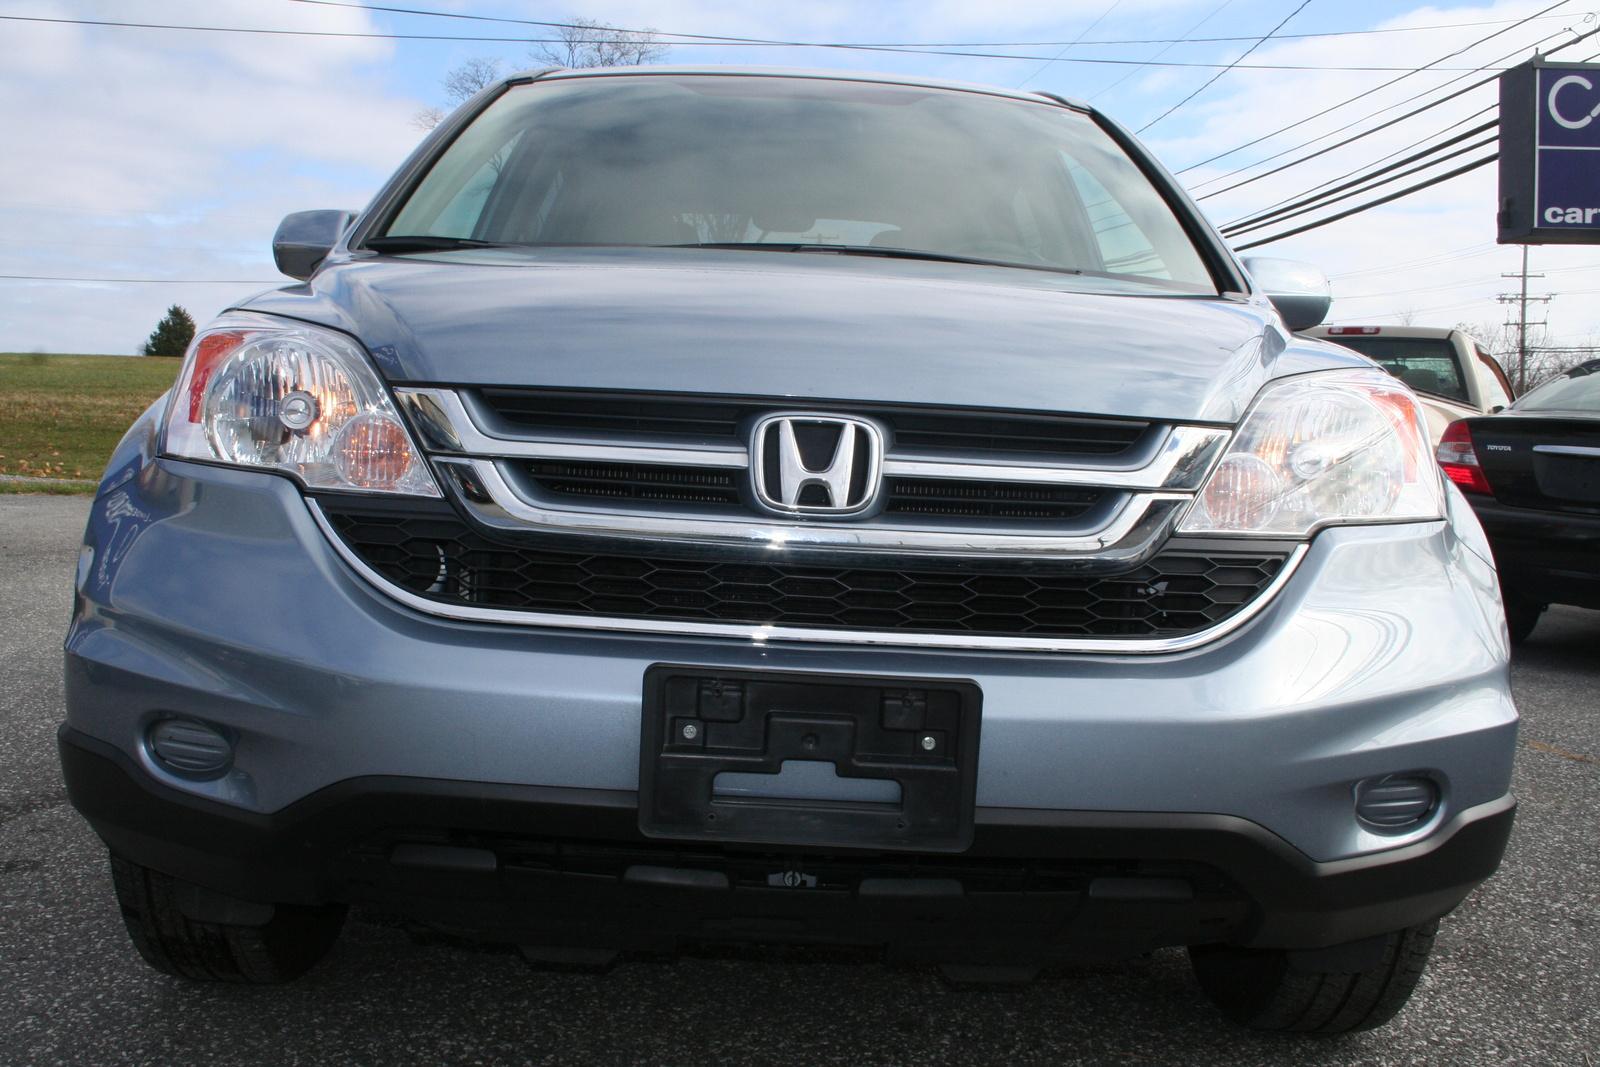 2011 Honda Cr V Pictures Cargurus